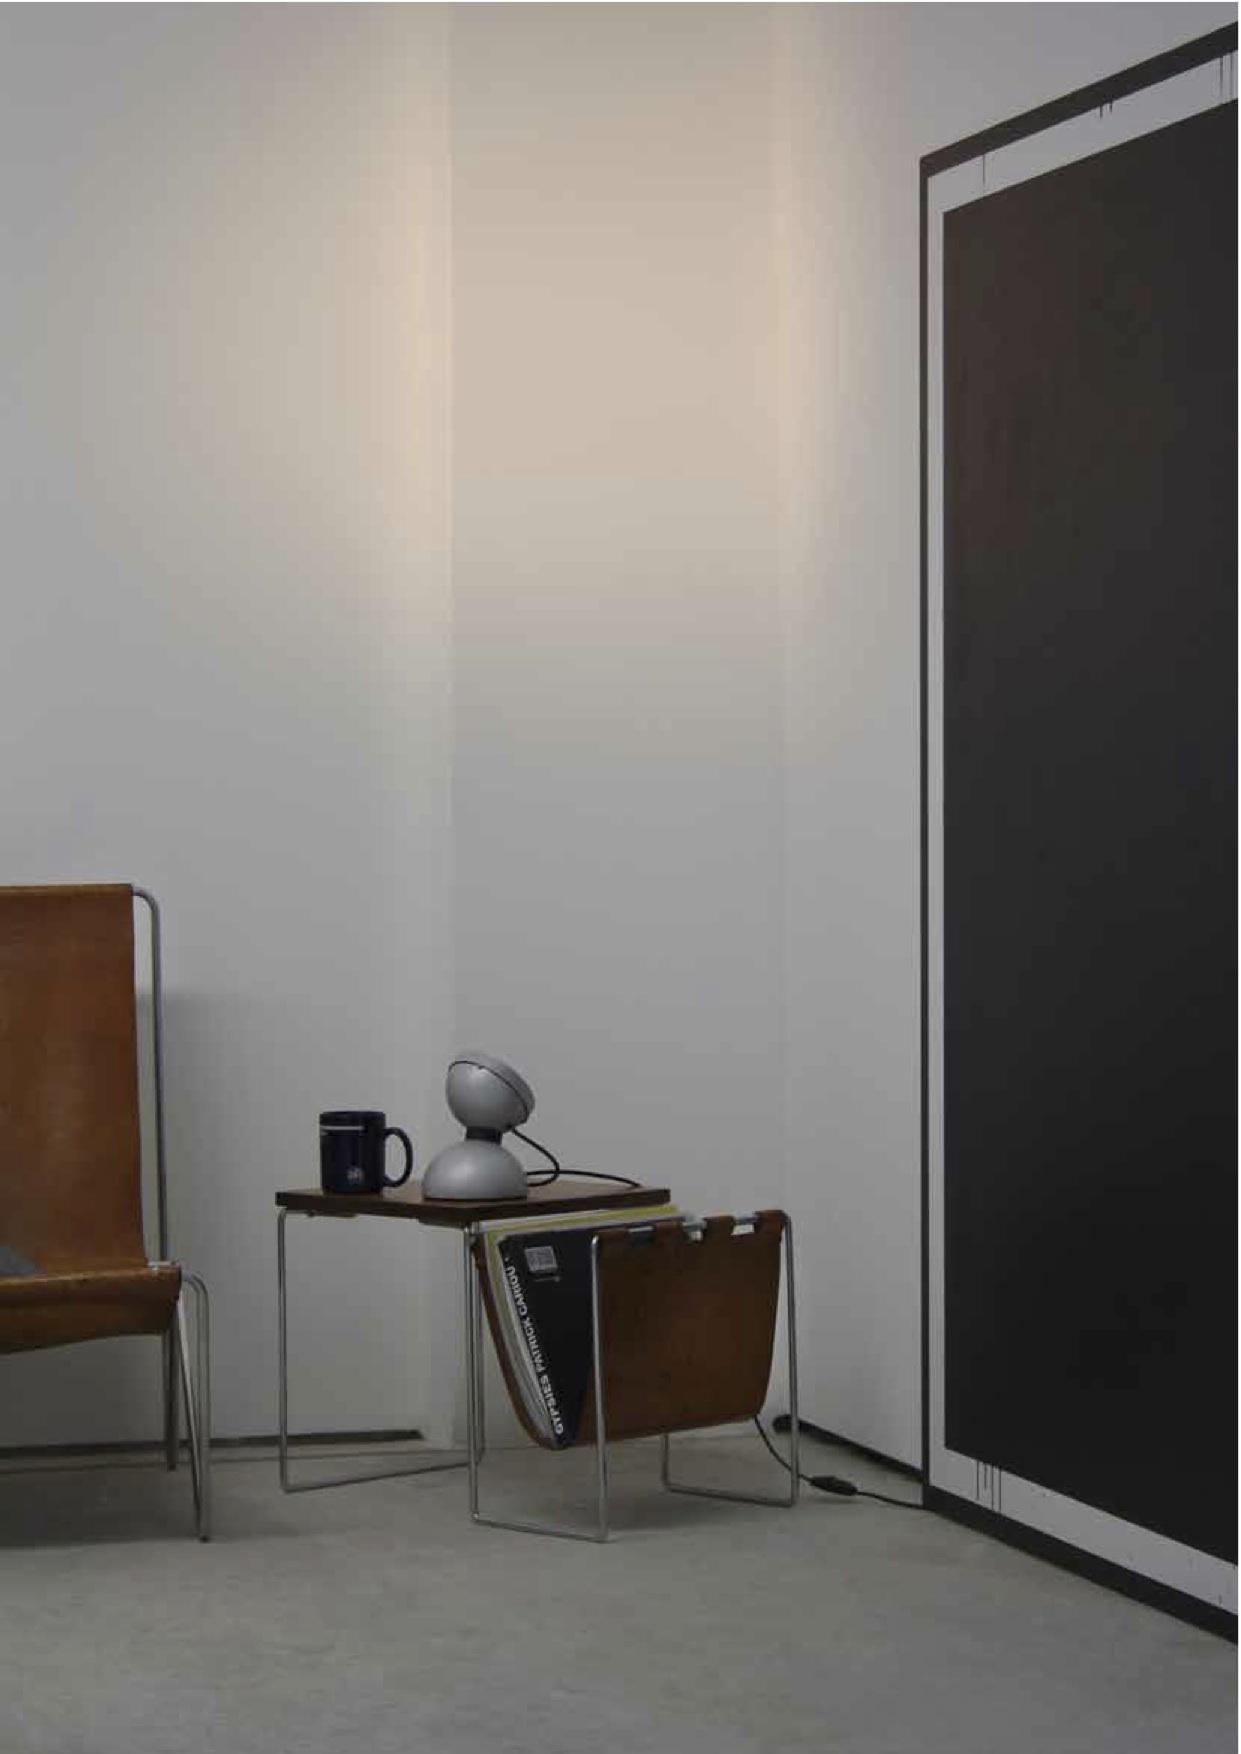 Lampe Azimut monopro 360 - Lampe à poser - Christian Girard